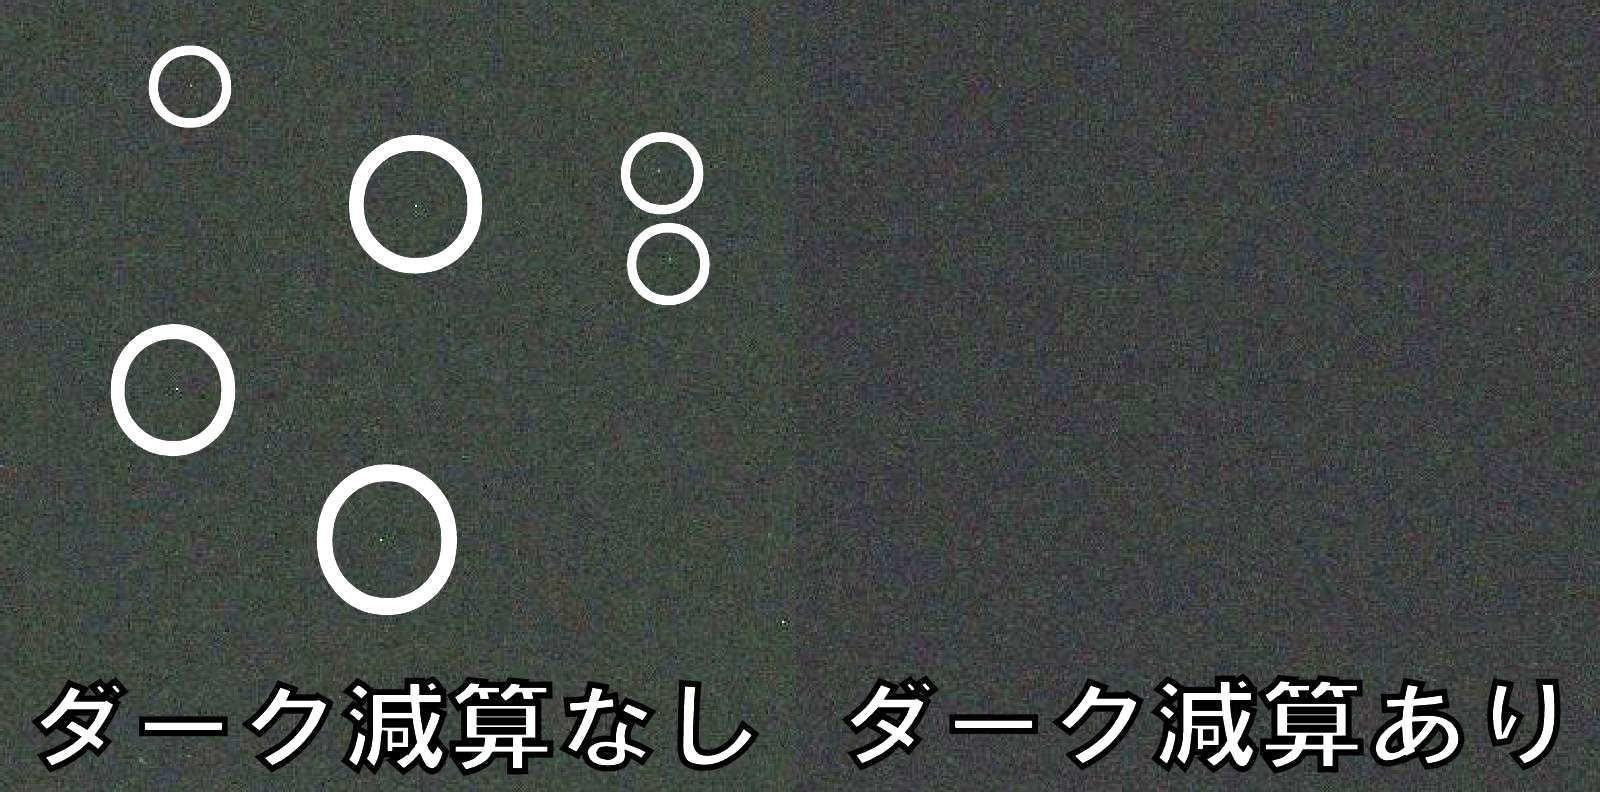 ダークノイズ検証拡大画像です。左がダーク減算処理なし。右がダーク減算処理あり。左の画像にはダークノイズが見られます。